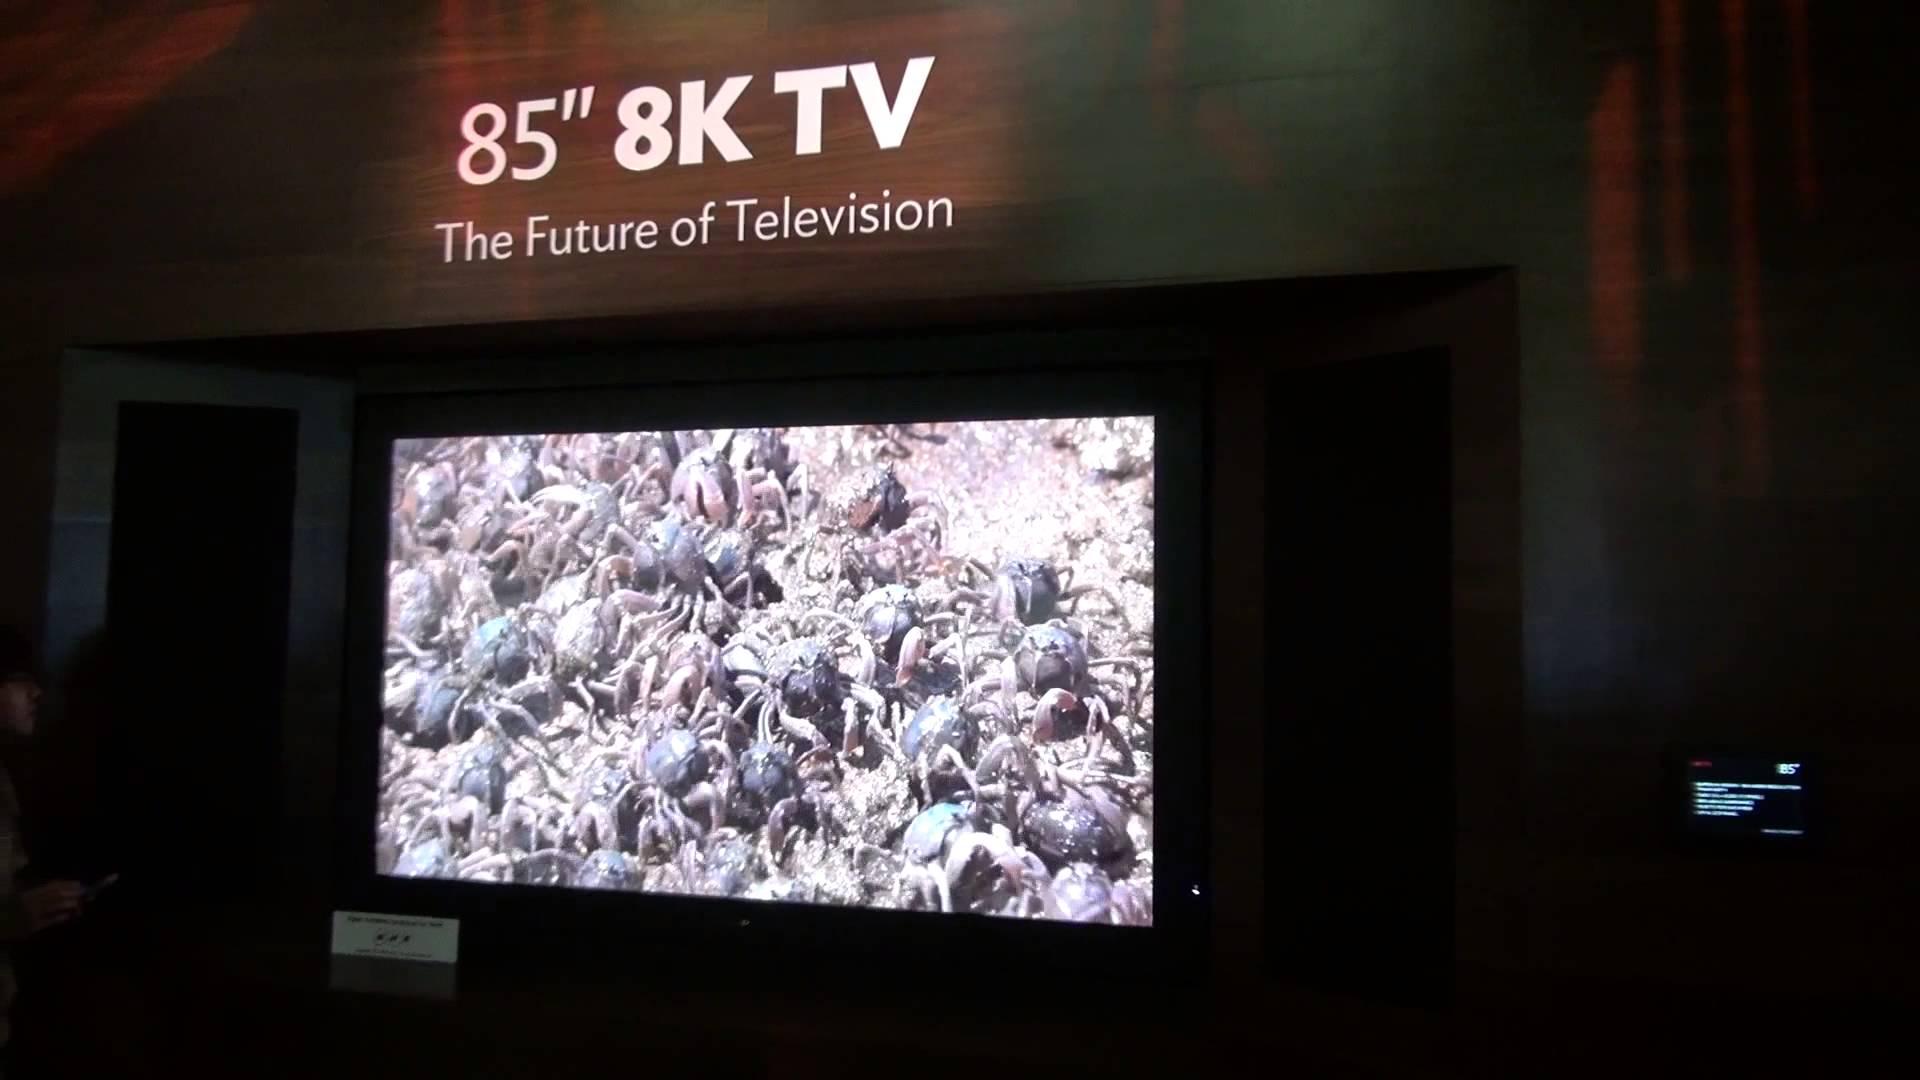 4k zu wenig sharp ver ffentlicht 8k tv mit 85 zoll f r. Black Bedroom Furniture Sets. Home Design Ideas